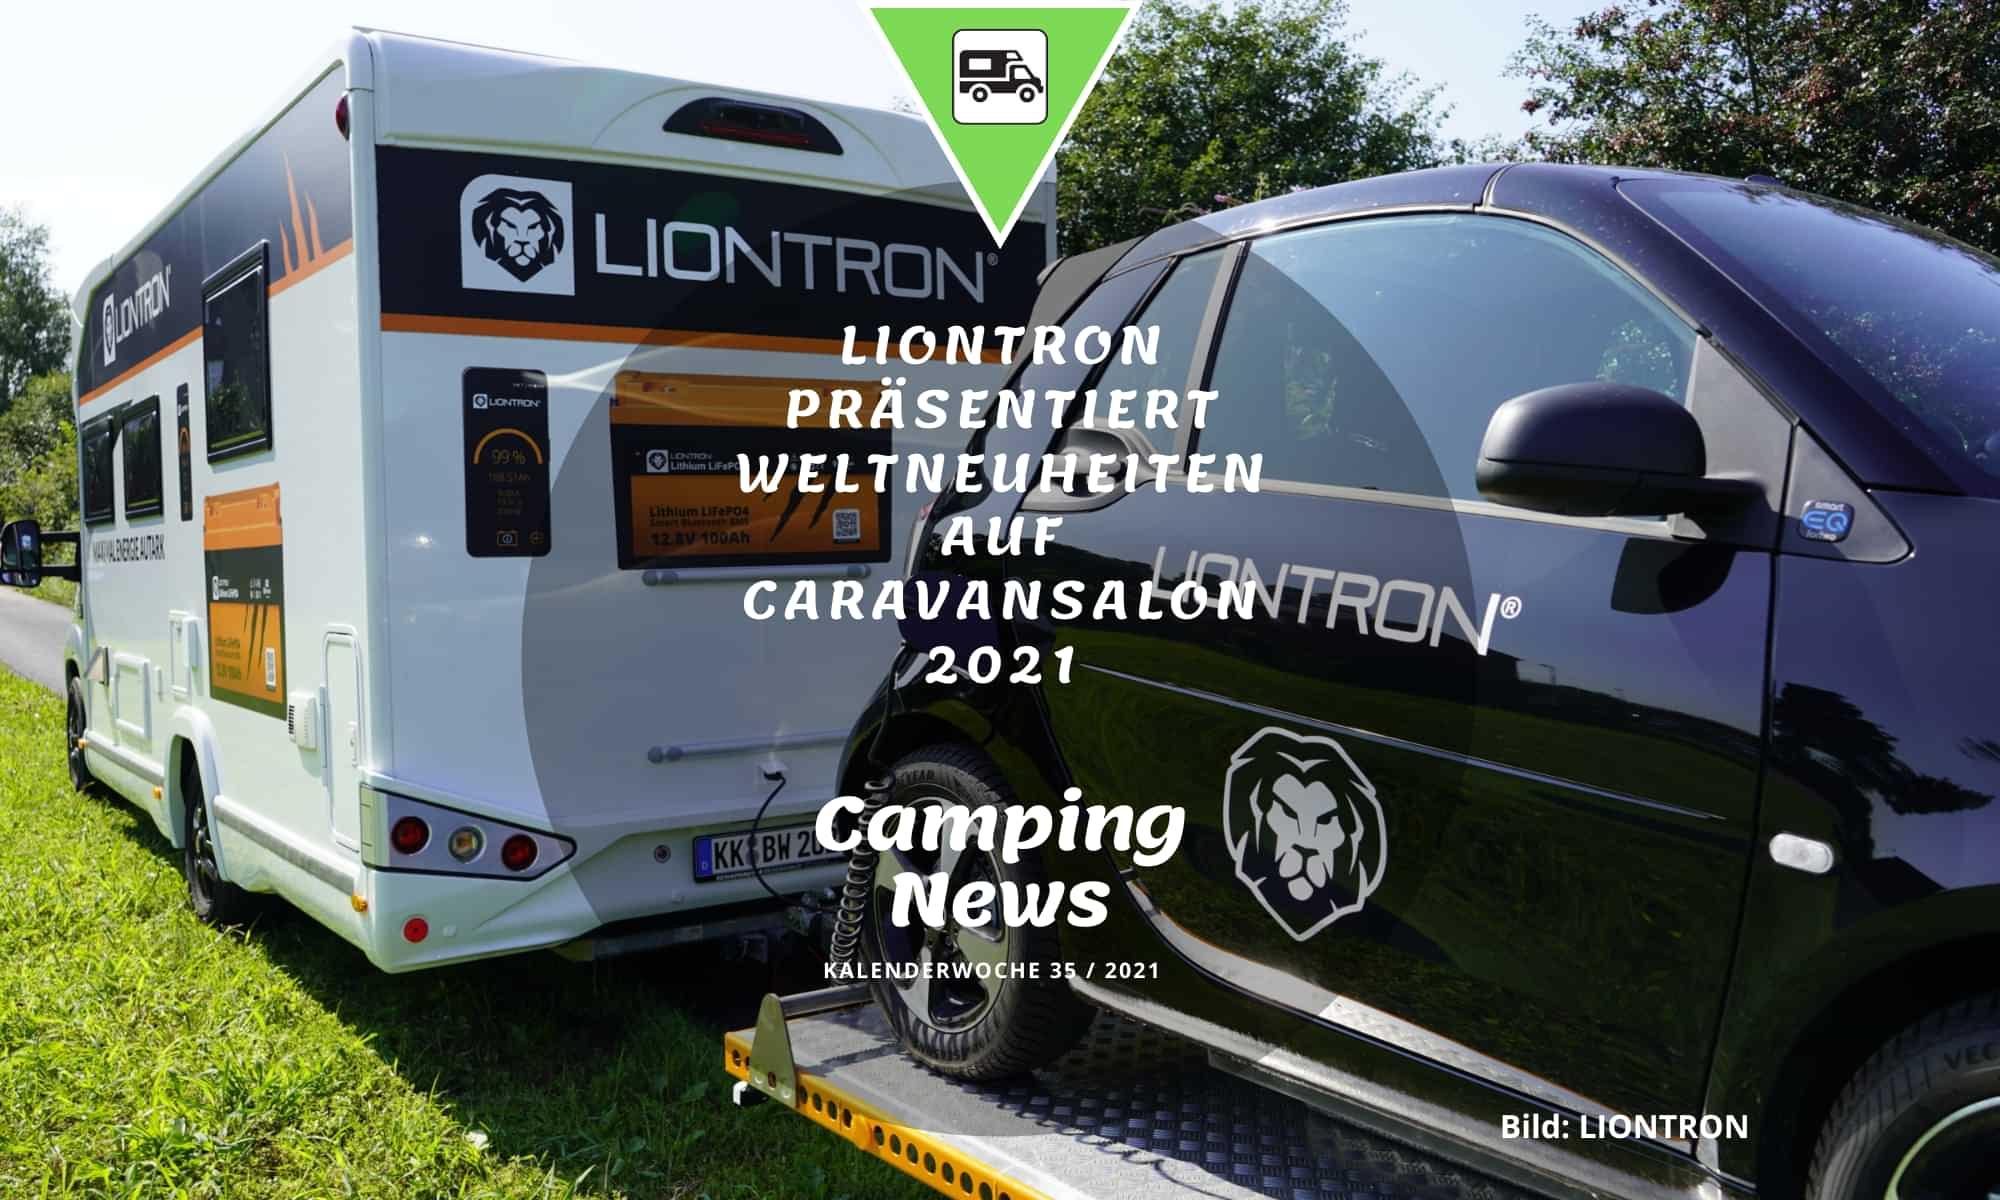 LIONTRON präsentiert Weltneuheiten auf dem Caravan Salon 2021